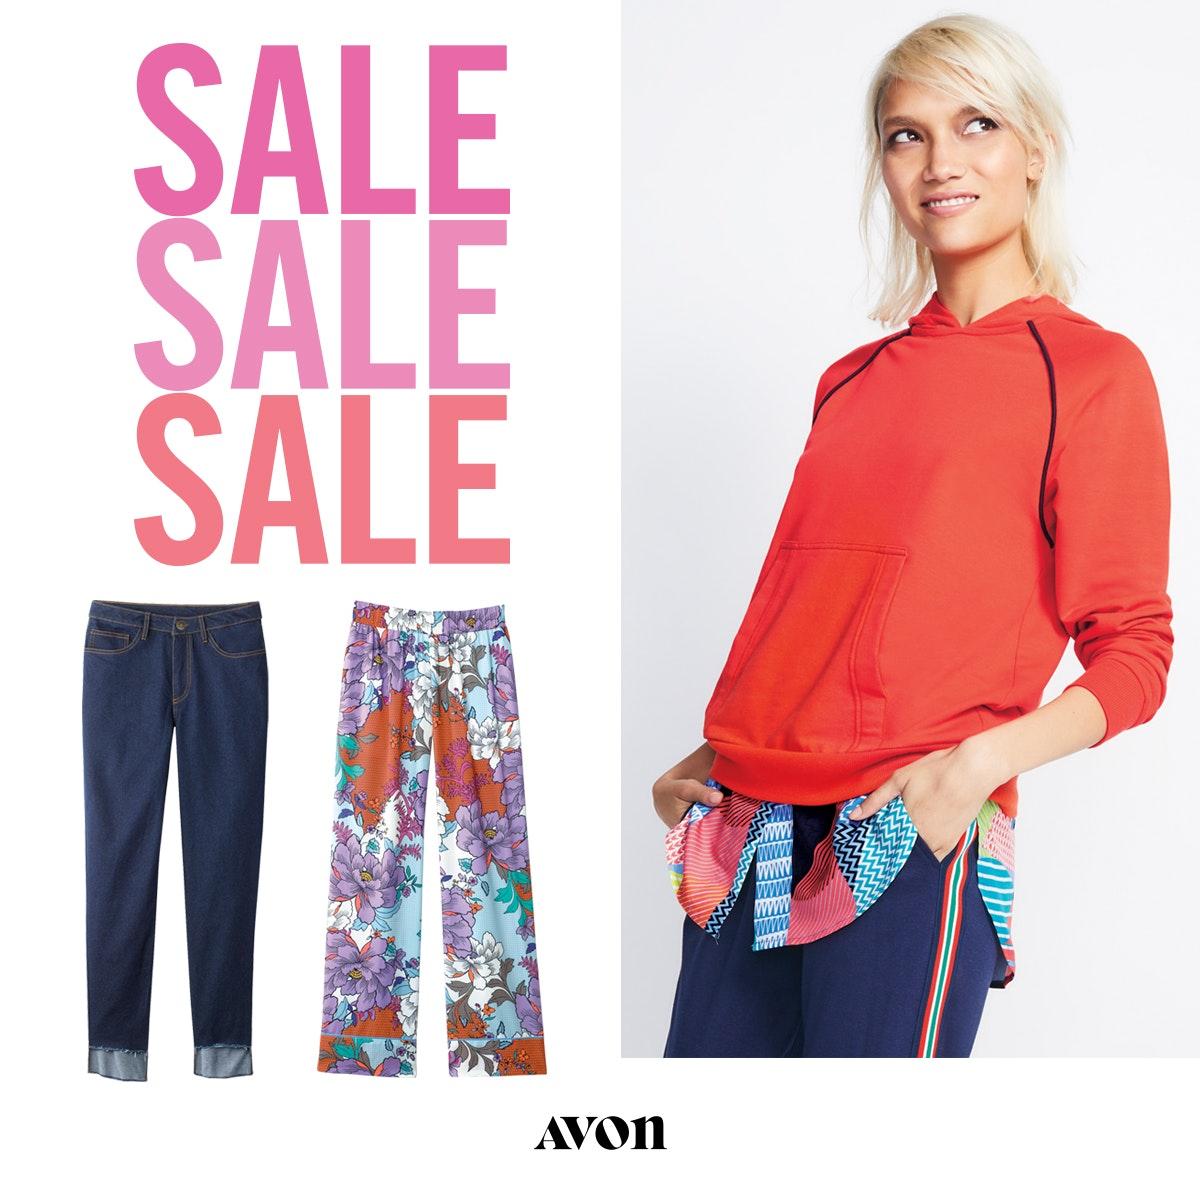 Avon Fashion Sale